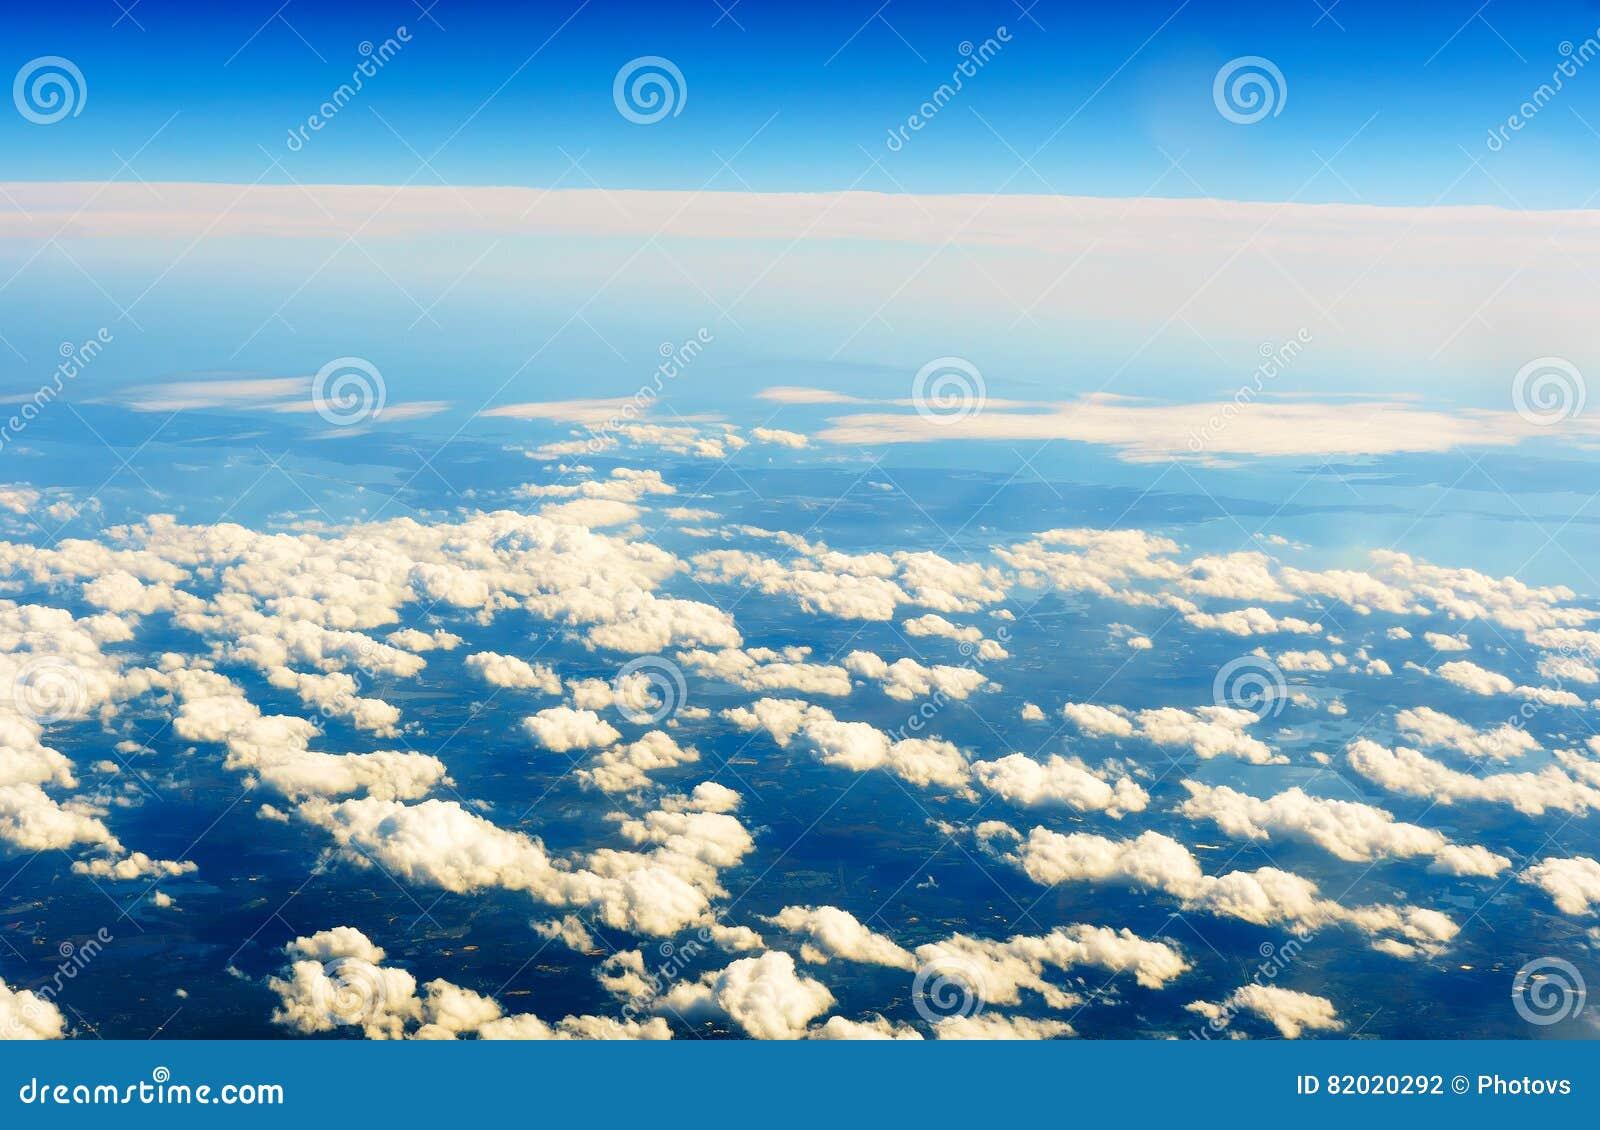 Flaumige Weiße Wolken Und Blauer Himmel Gesehen Vom Flugzeug ...